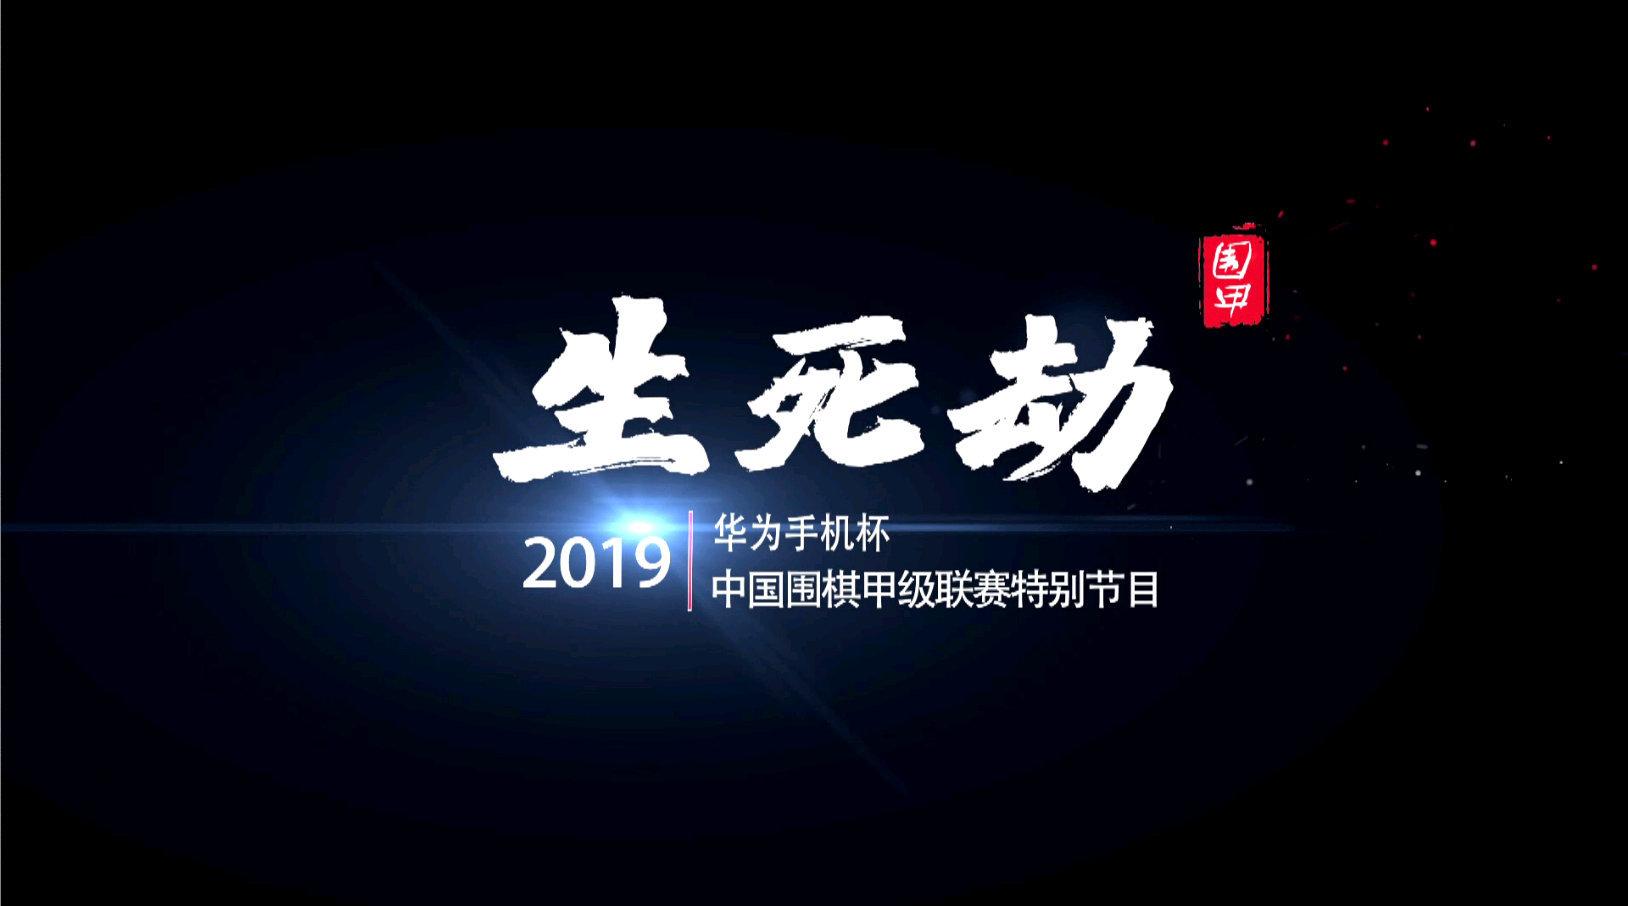 视频-2019围甲联赛特别节目《生死劫》 第一期